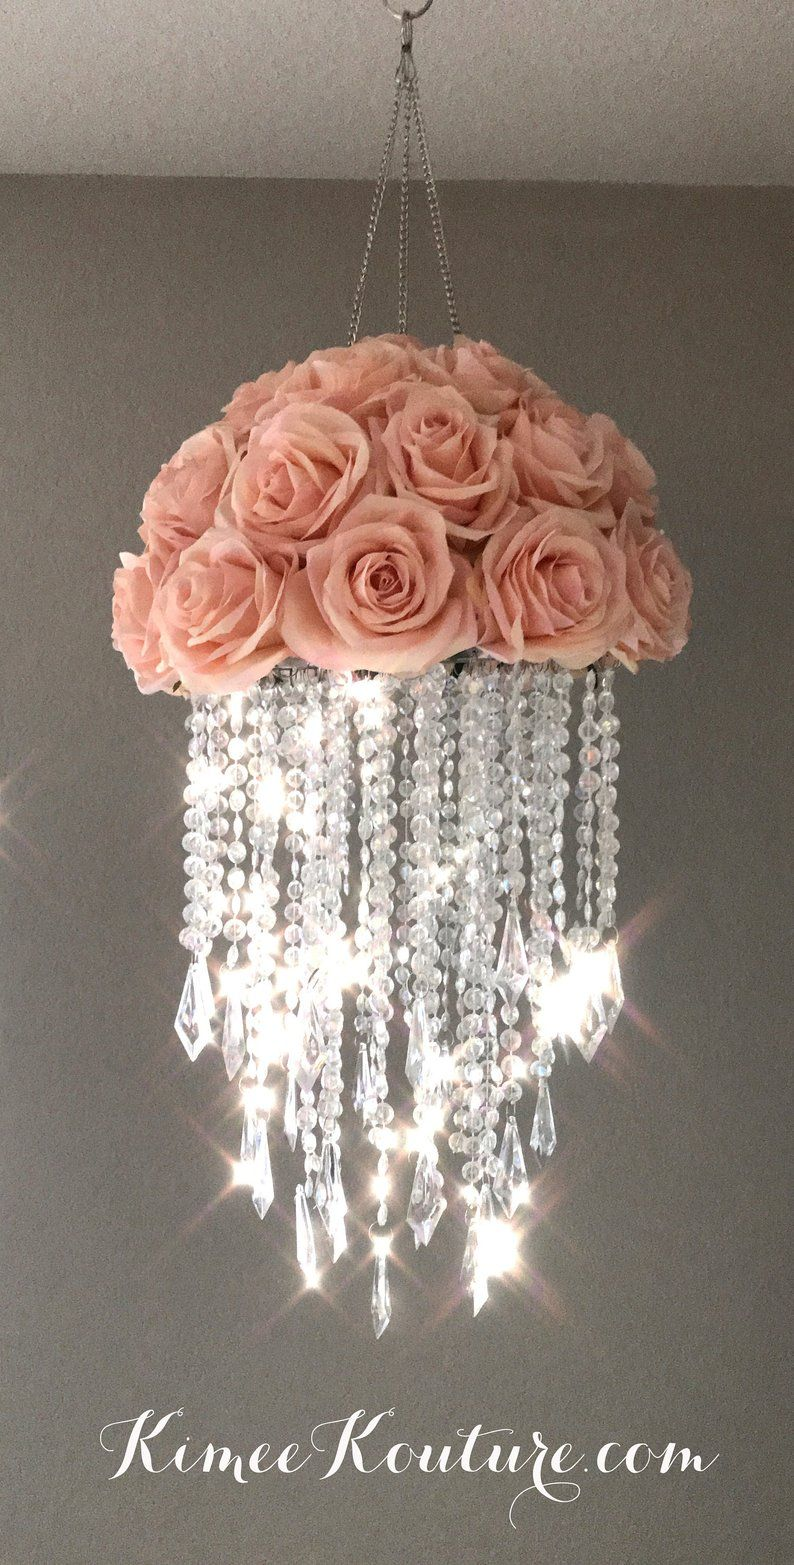 Floral Crystal Chandelier Floral Nursery Mobile Wedding